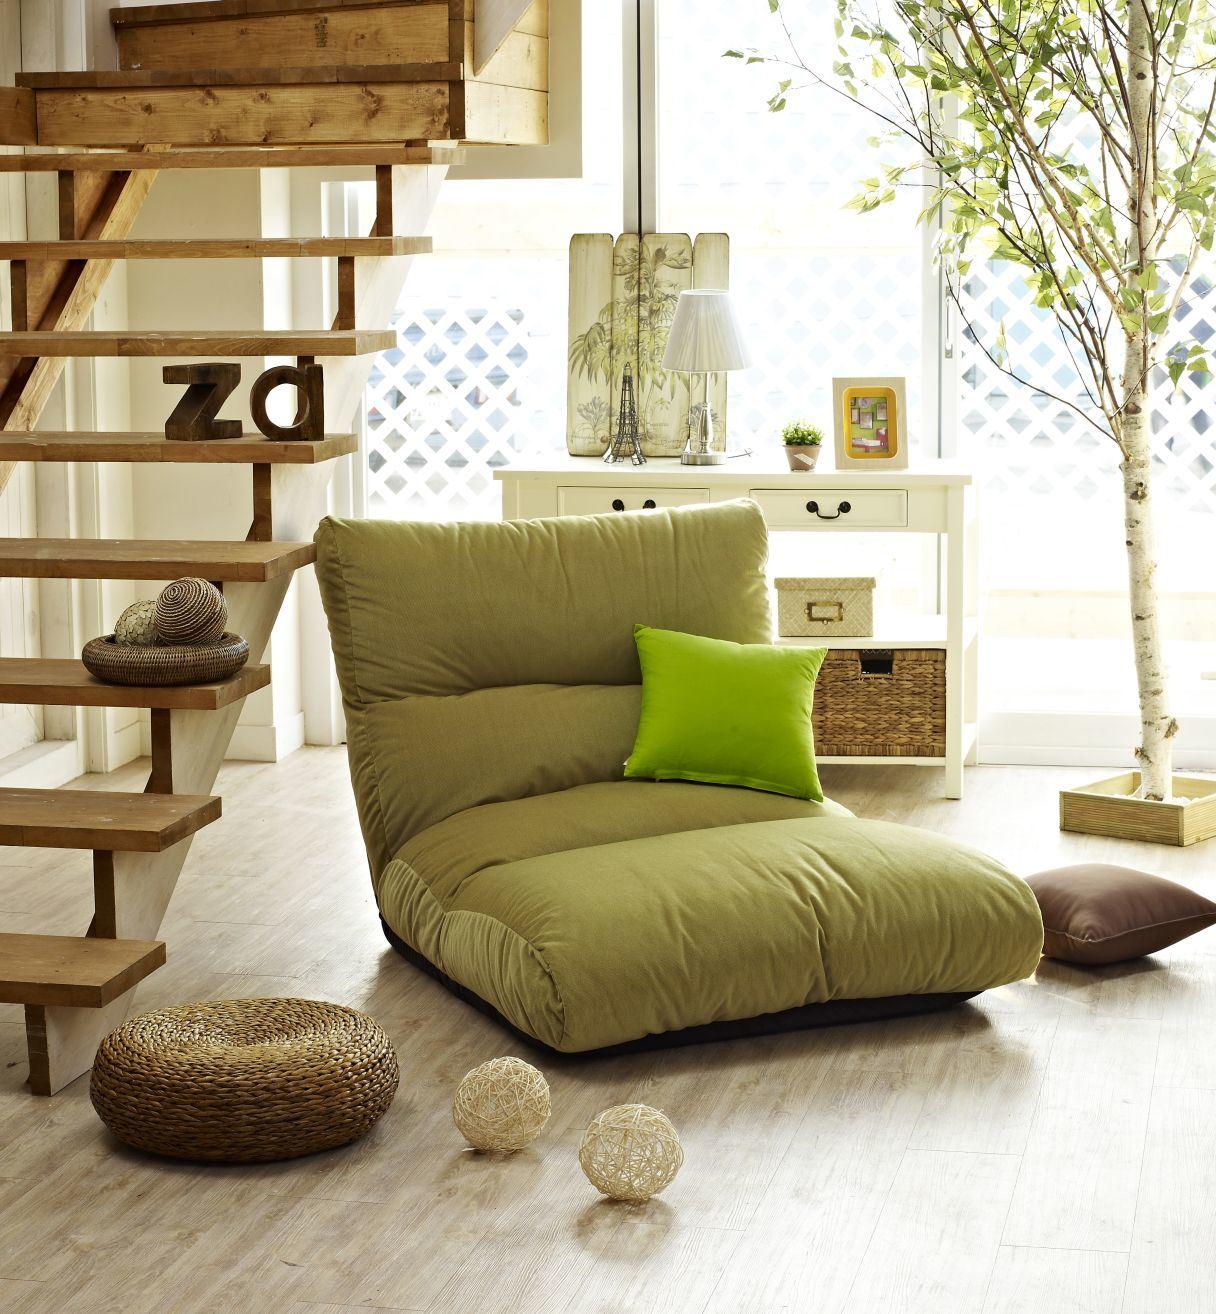 Lit de sofa japonais lit de sofa japonais fournis par technofoam china co - Tete de lit style japonais ...